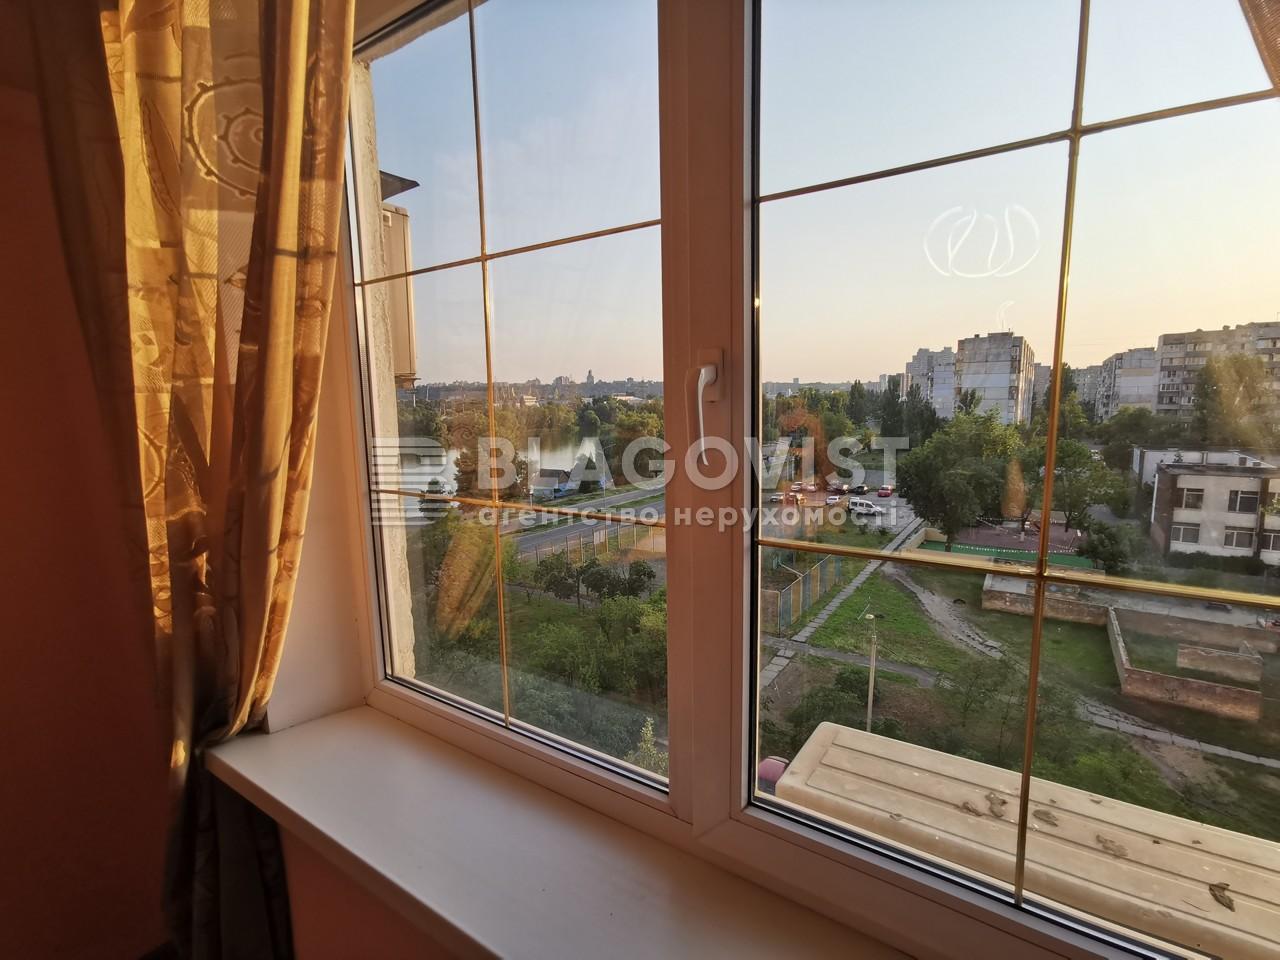 Квартира R-40024, Приозерная, 4, Киев - Фото 14